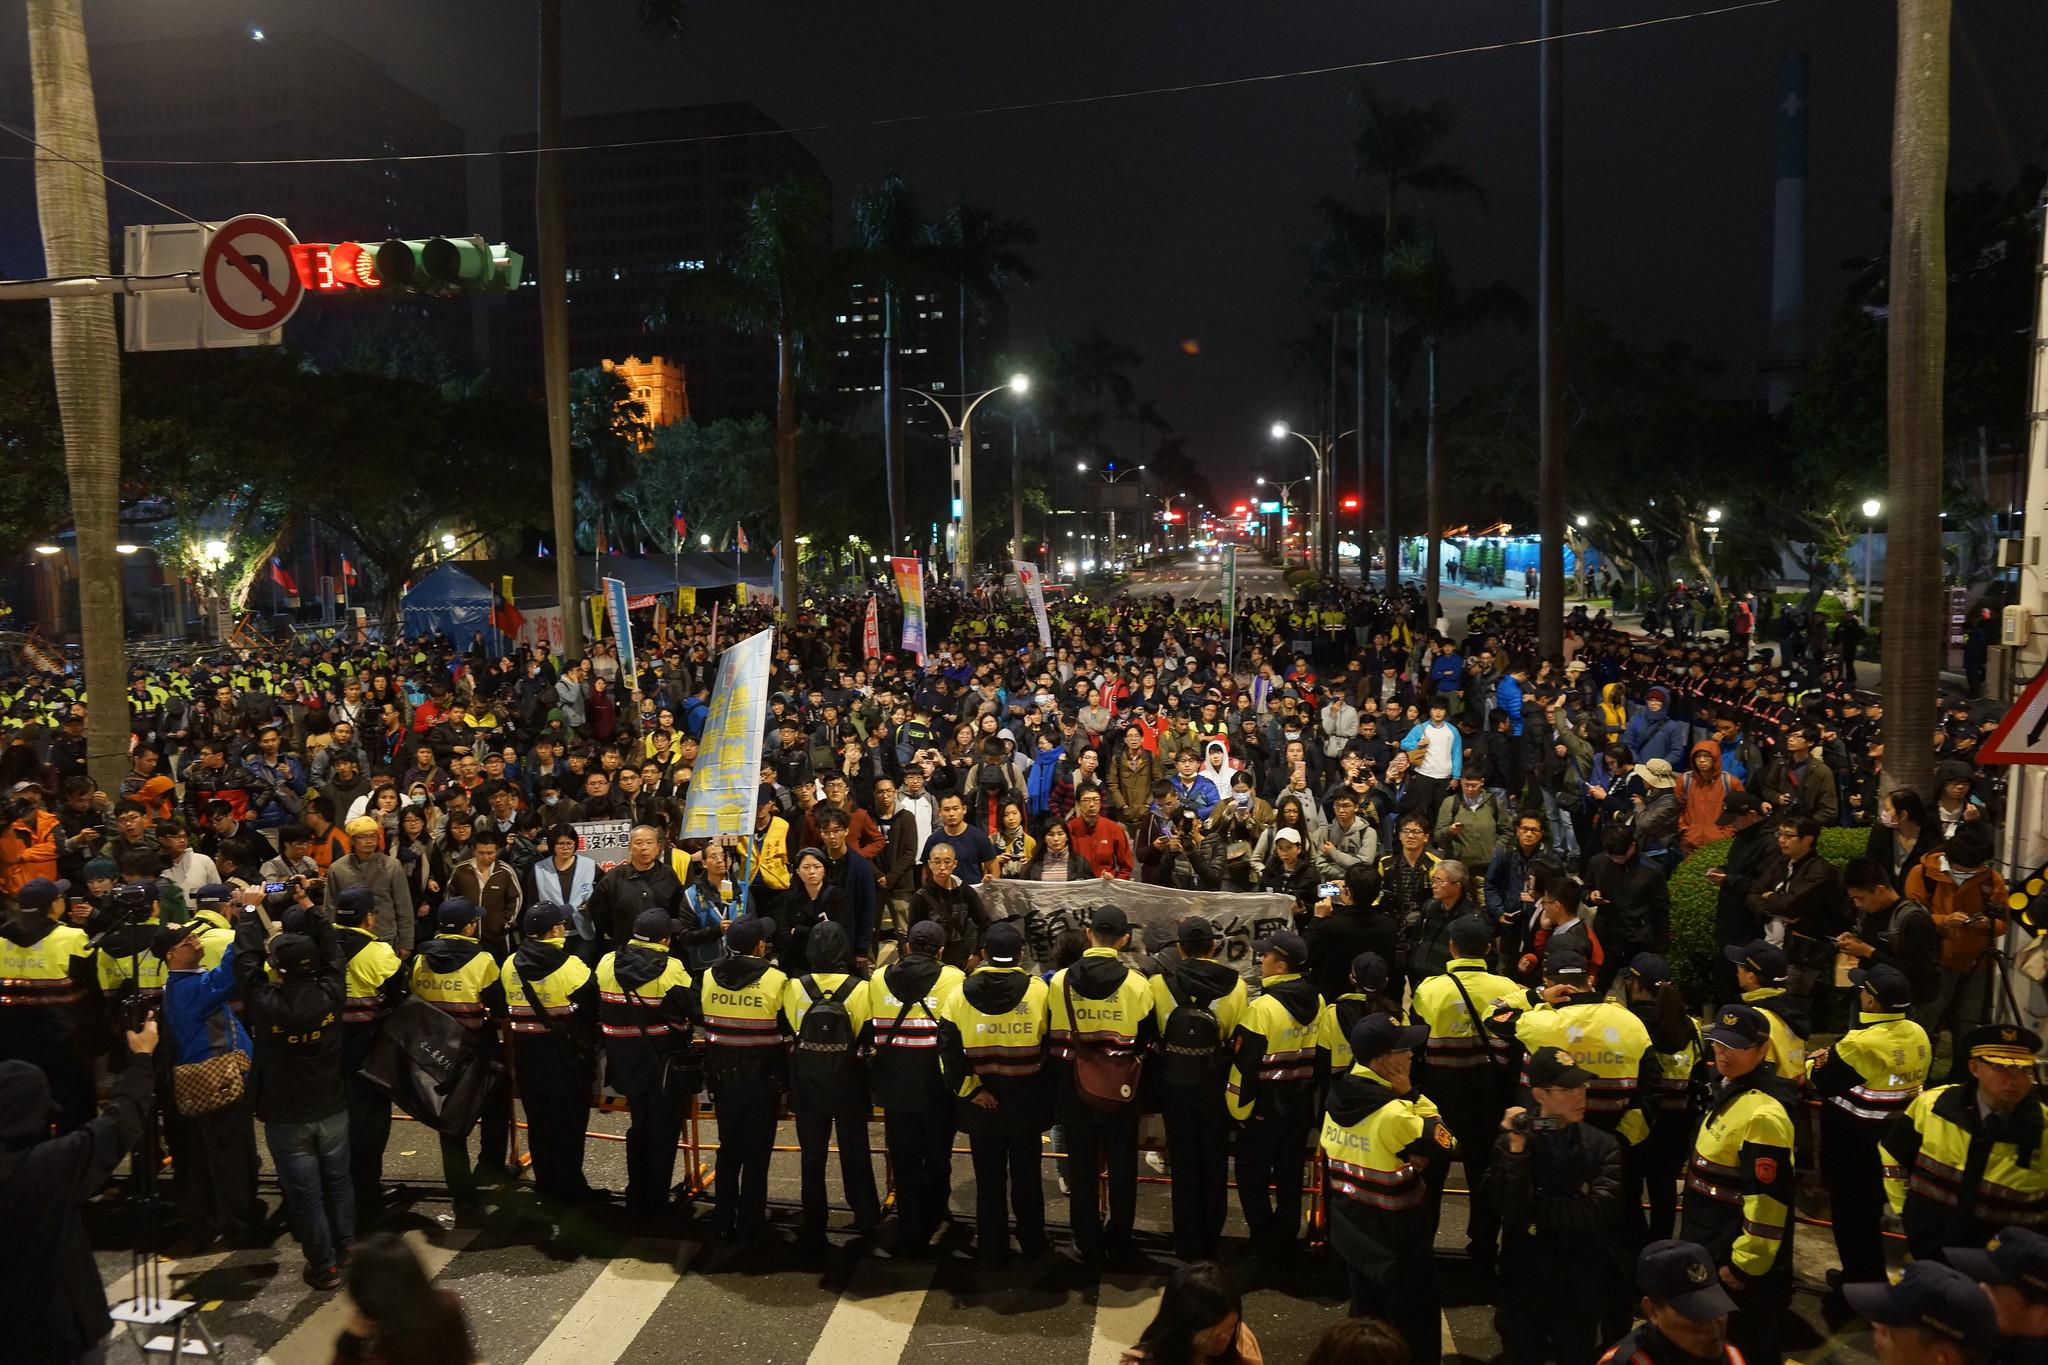 抗議民眾最後被警方隔在中山南路上,許多人情緒激昂,在宣傳車宣佈行動結束後,仍久久未散去。(攝影:王顥中)